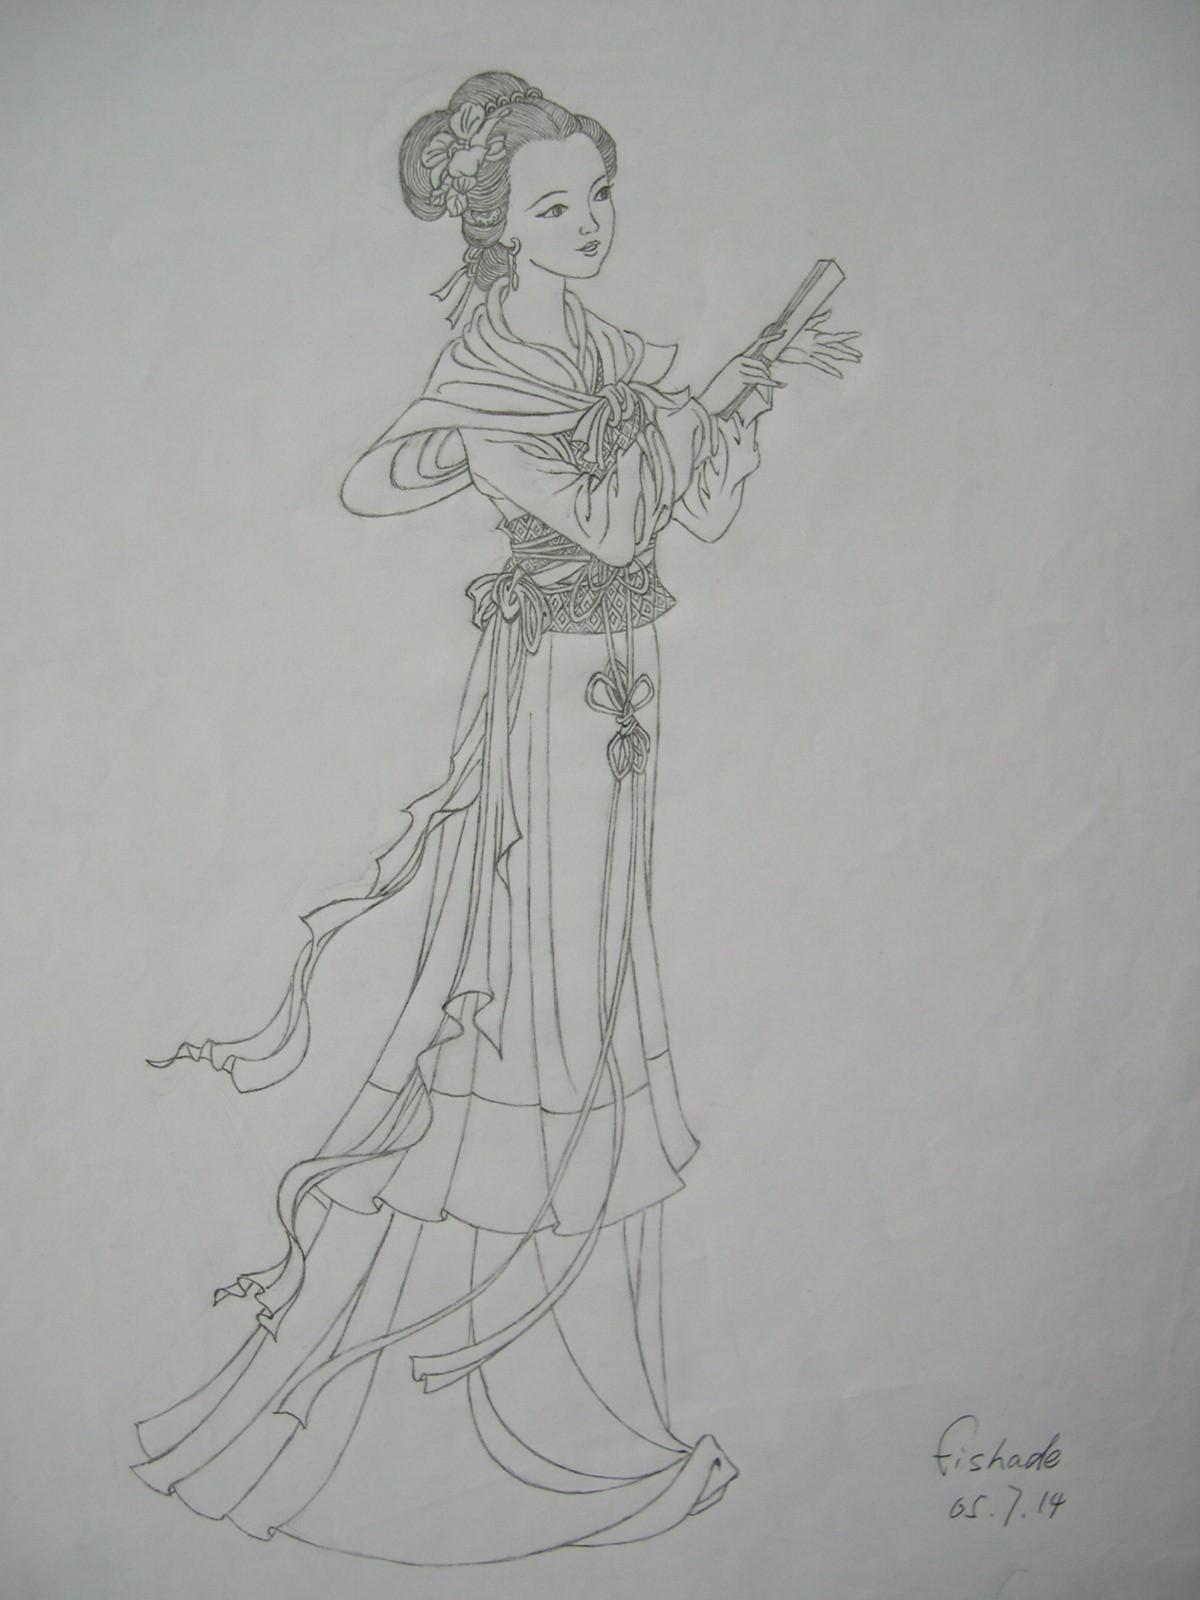 手绘简笔铅笔画唯美_古代动漫铅笔画_古代动漫铅笔画画法